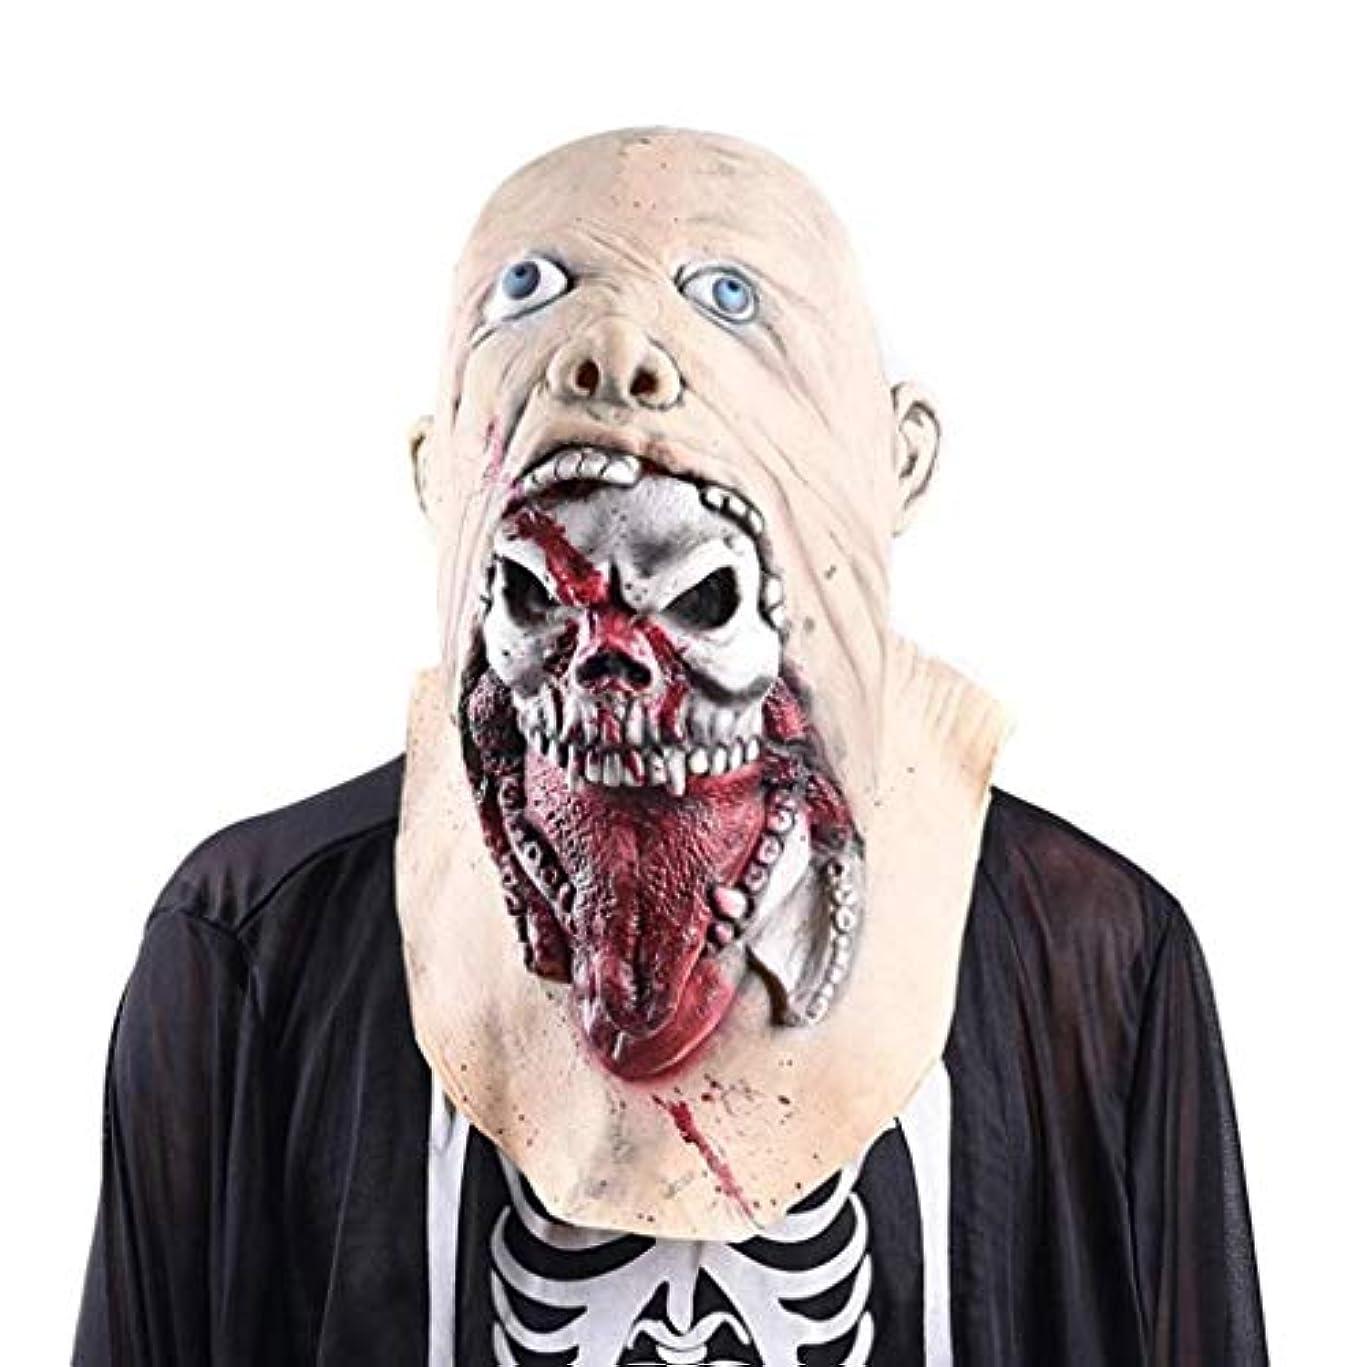 ハロウィーンマスクハロウィーンコスチュームコスプレ用怖いパージマスク